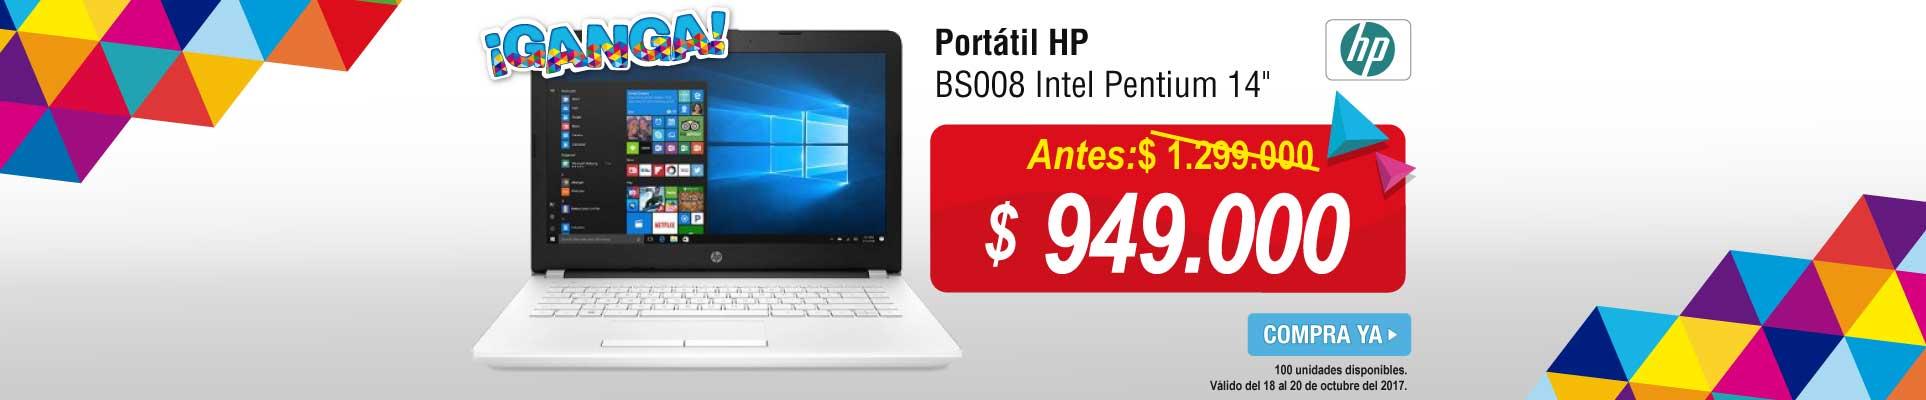 PPAL ALKP-5-computadores-Portátil HP BS008 Intel Pentium 14-prod-octubre18-20